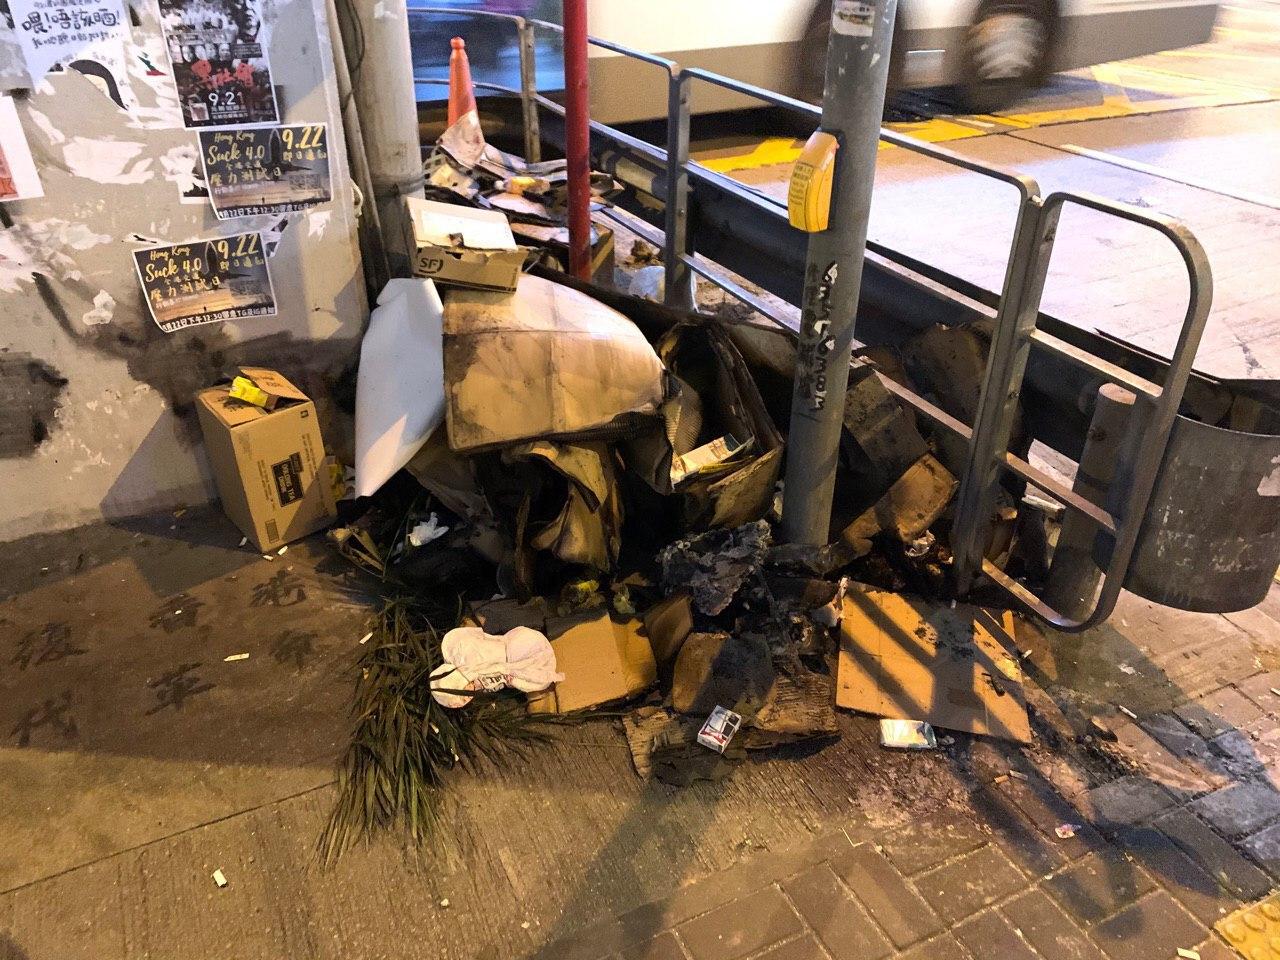 旺角警署外有雜物曾經燃燒過。網民圖片